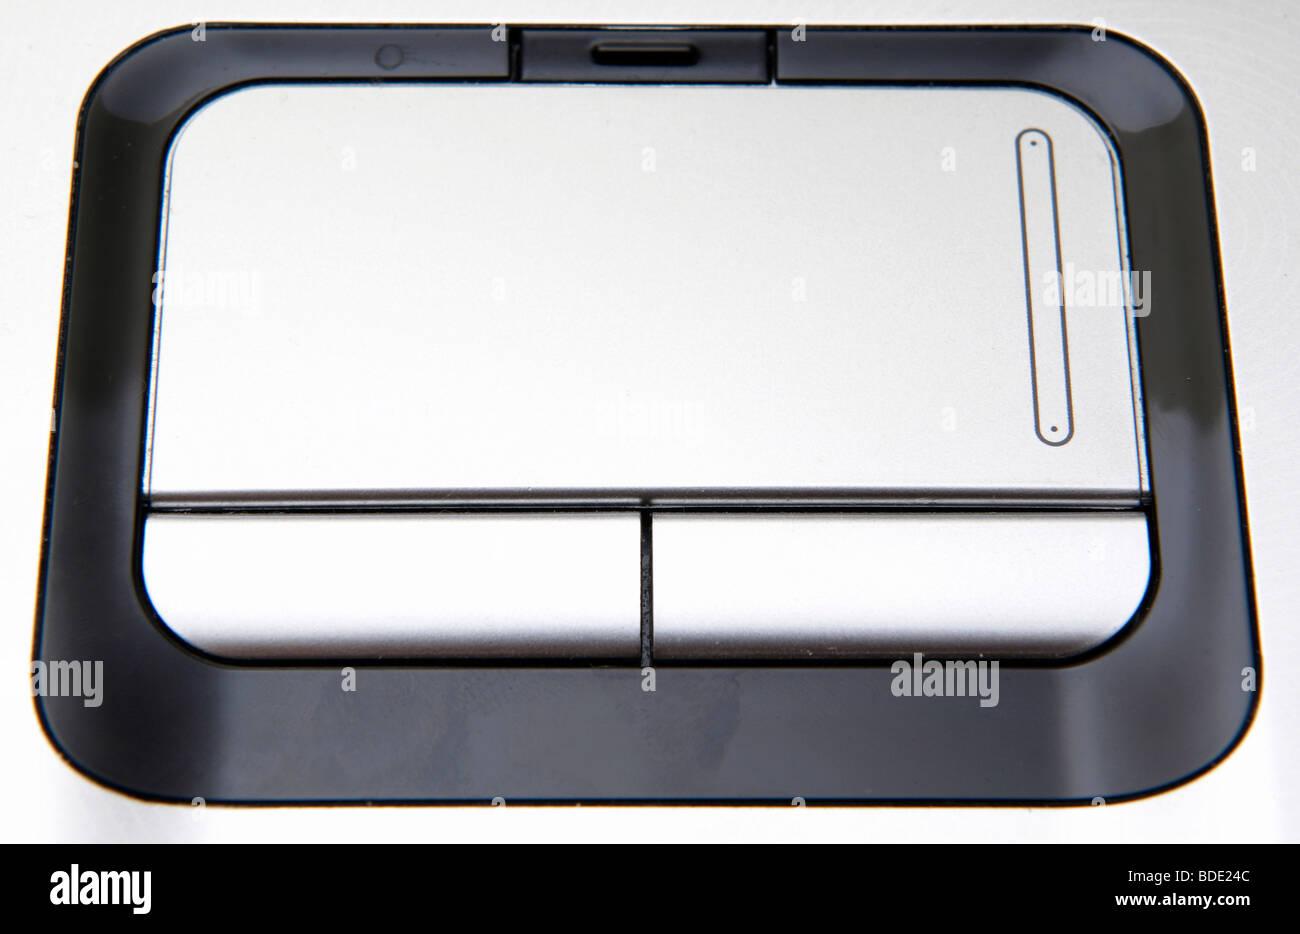 Plata vista cercana del touchpad del portátil Imagen De Stock